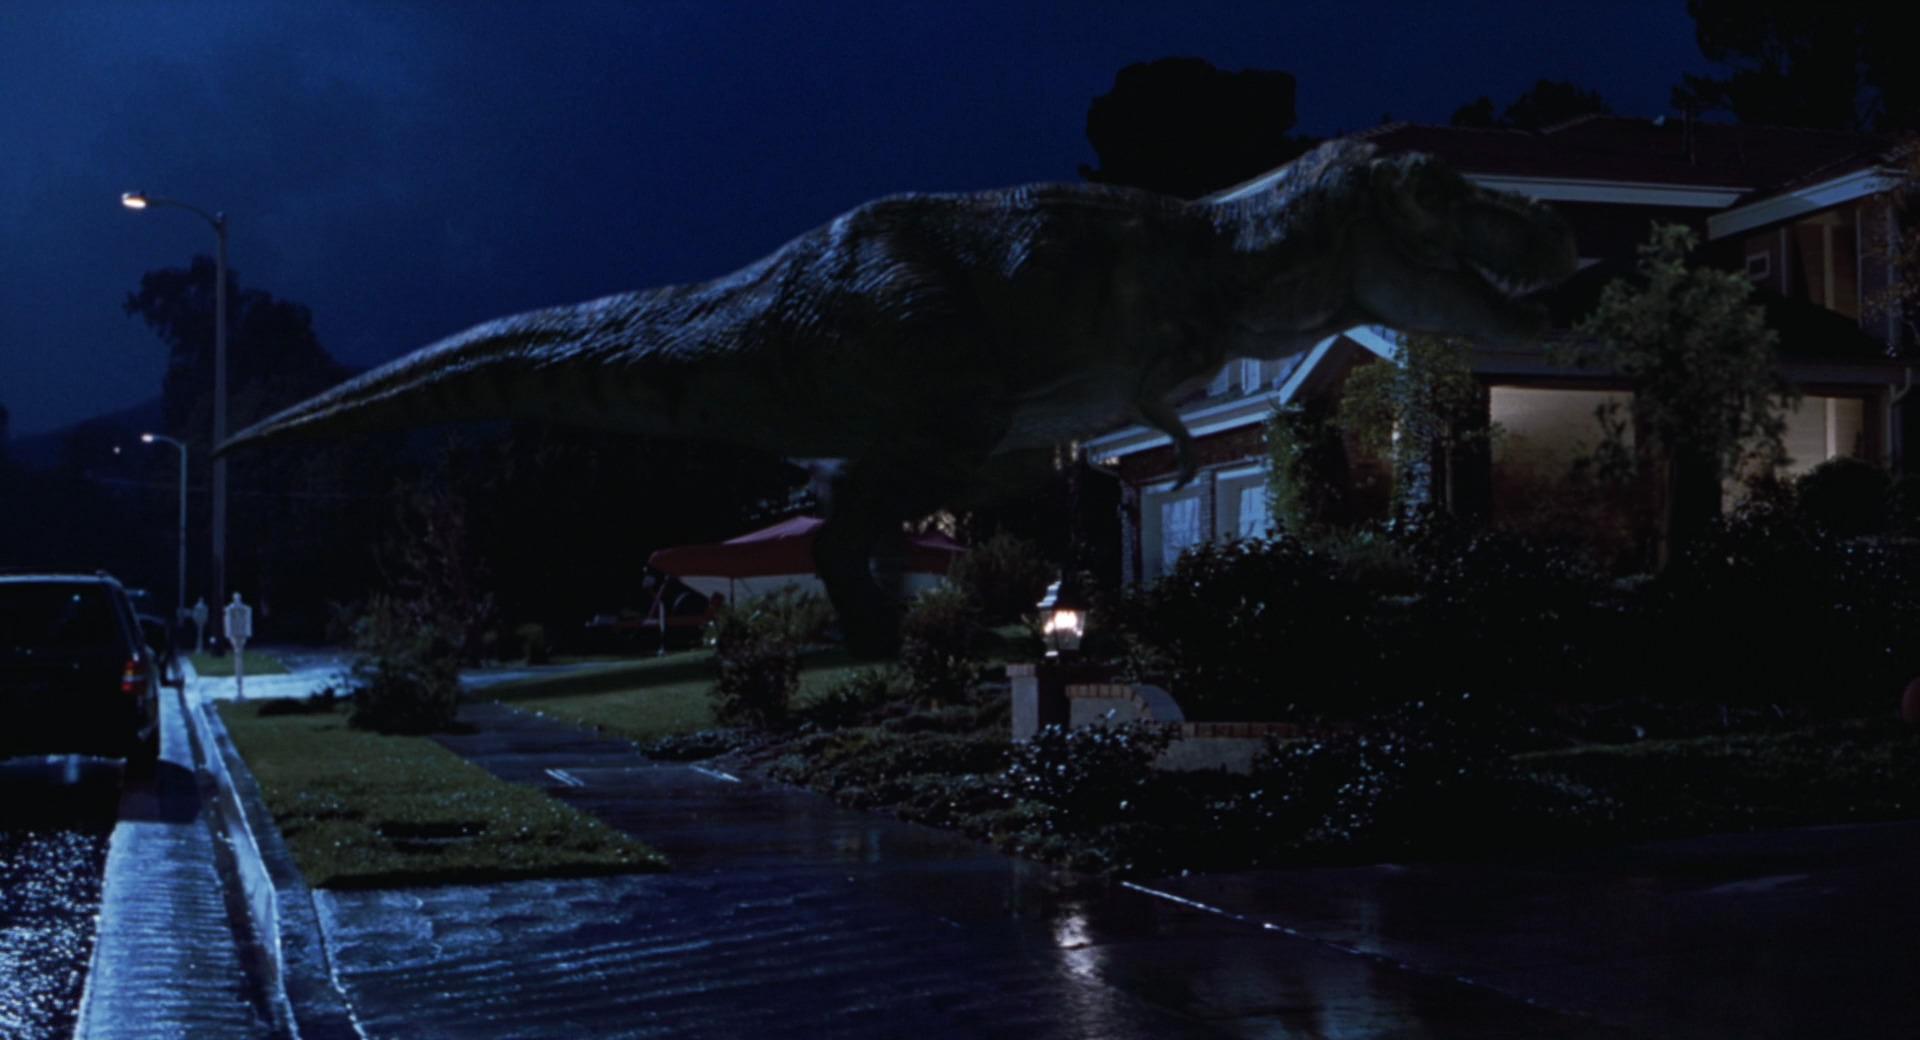 The Lost World Jurassic Park Screencaps are here Jurassic-lost-world-movie-screencaps.com-12919